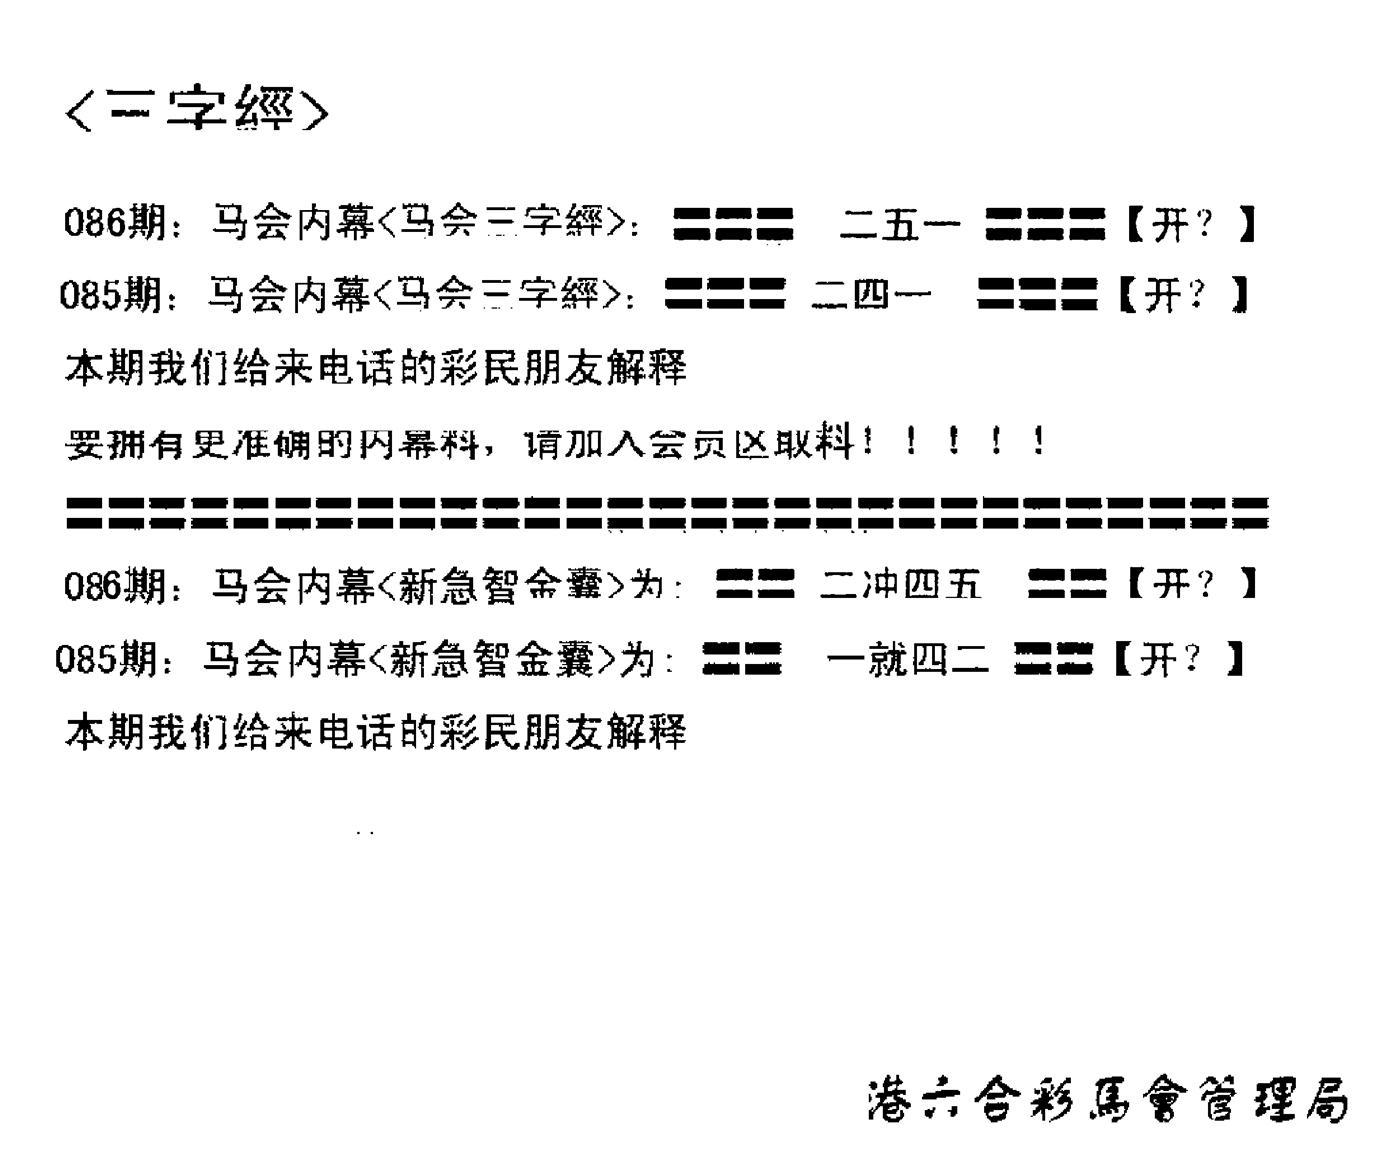 086期电脑版(早版)(黑白)